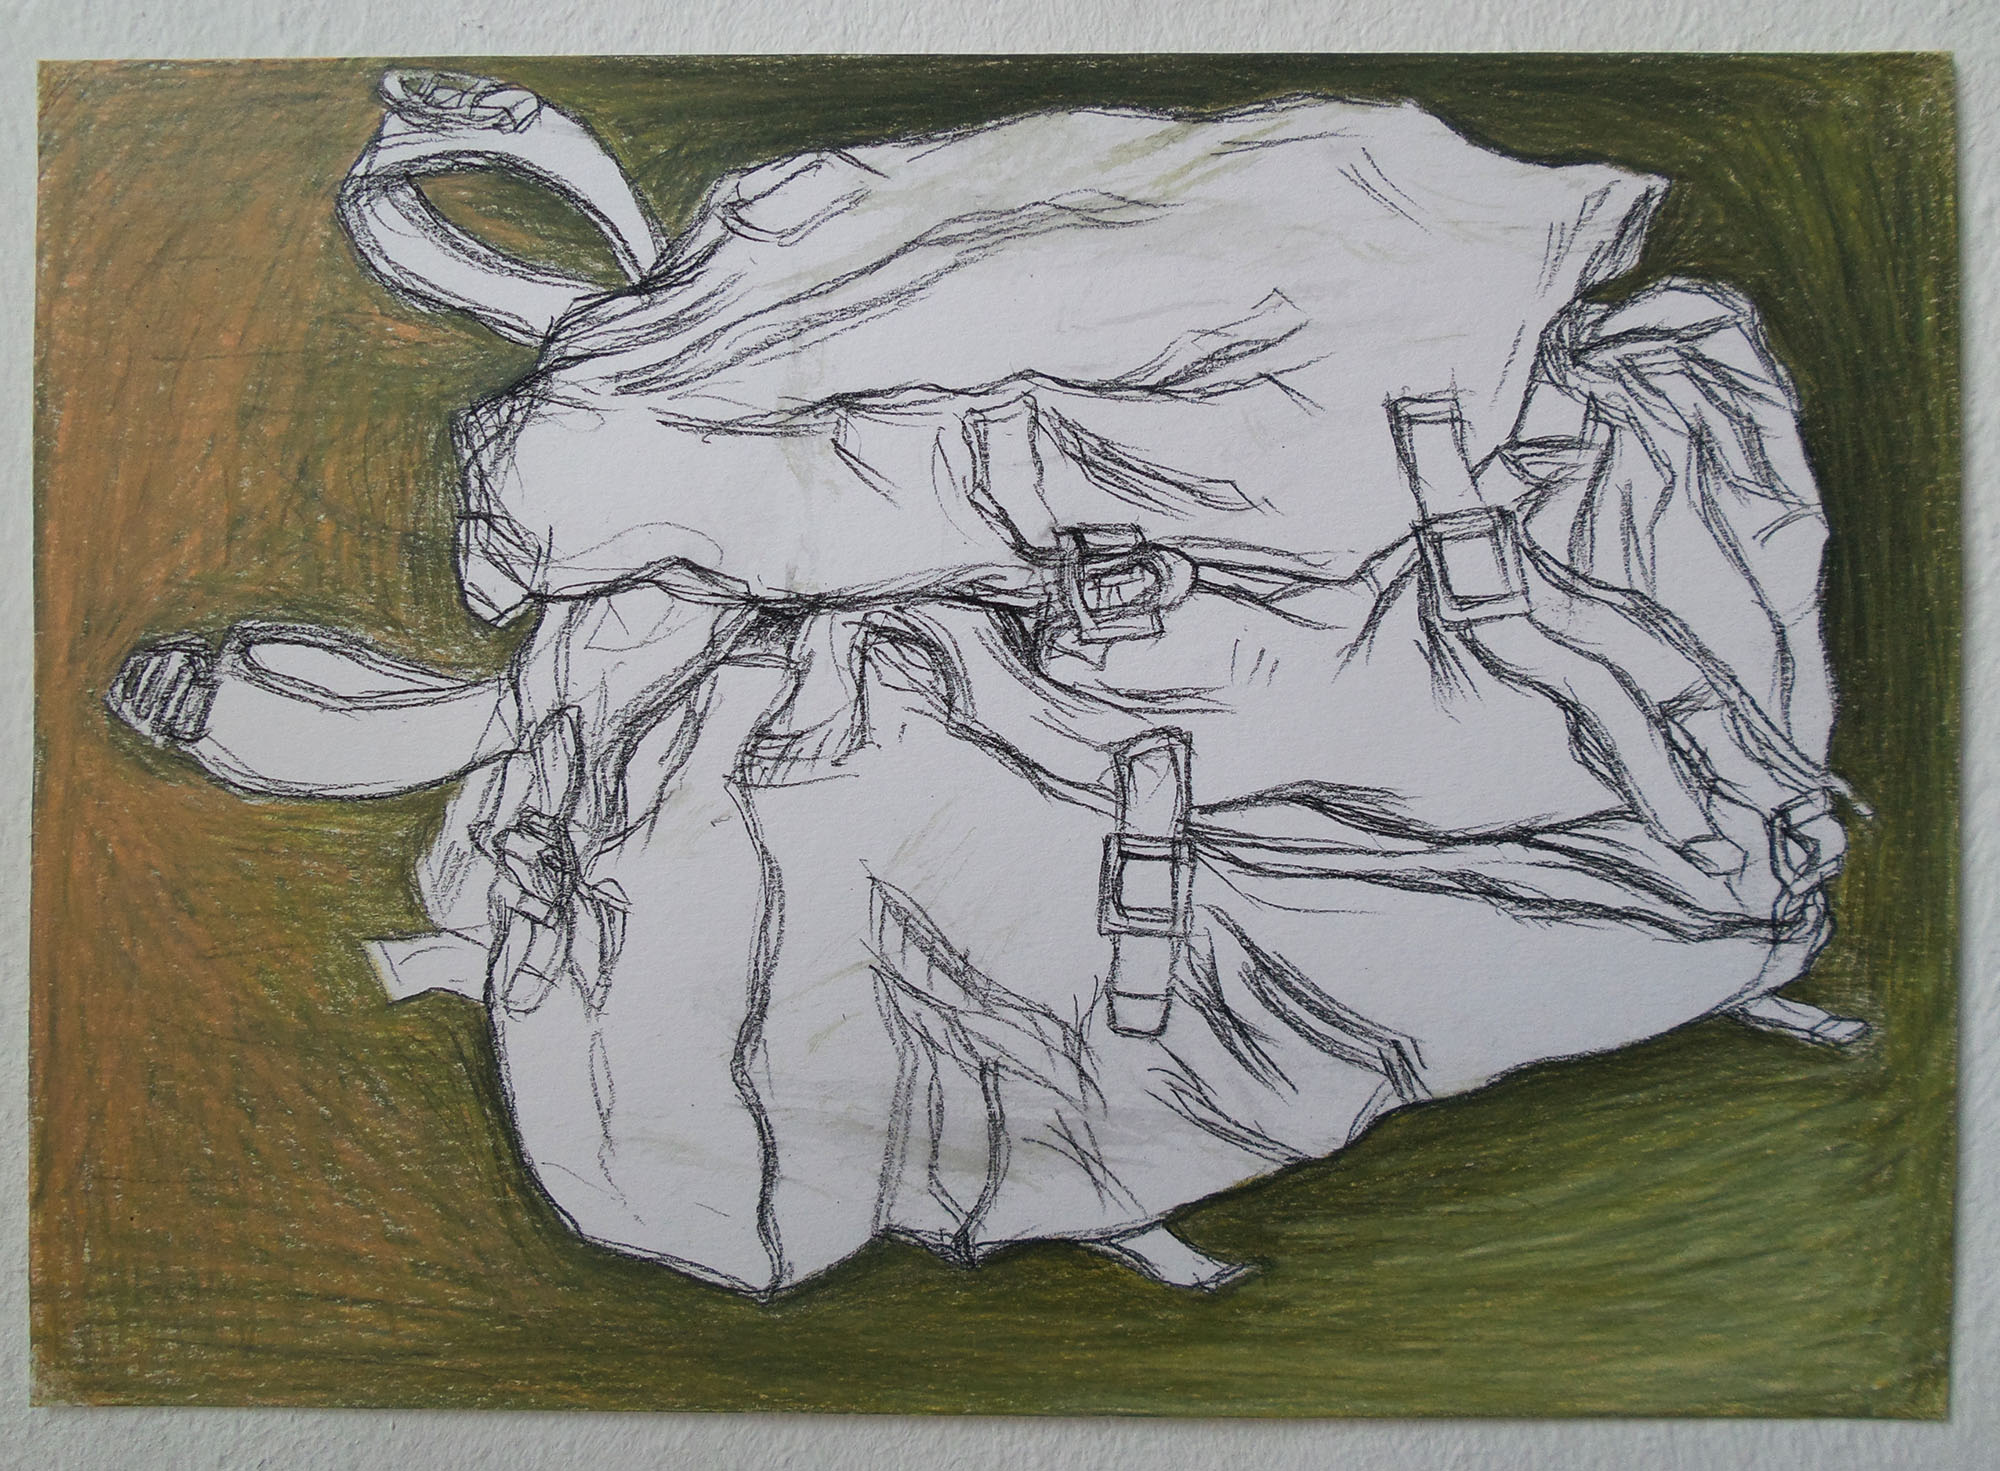 pencilcolour drawing green bag kleurpotlood tekening tas